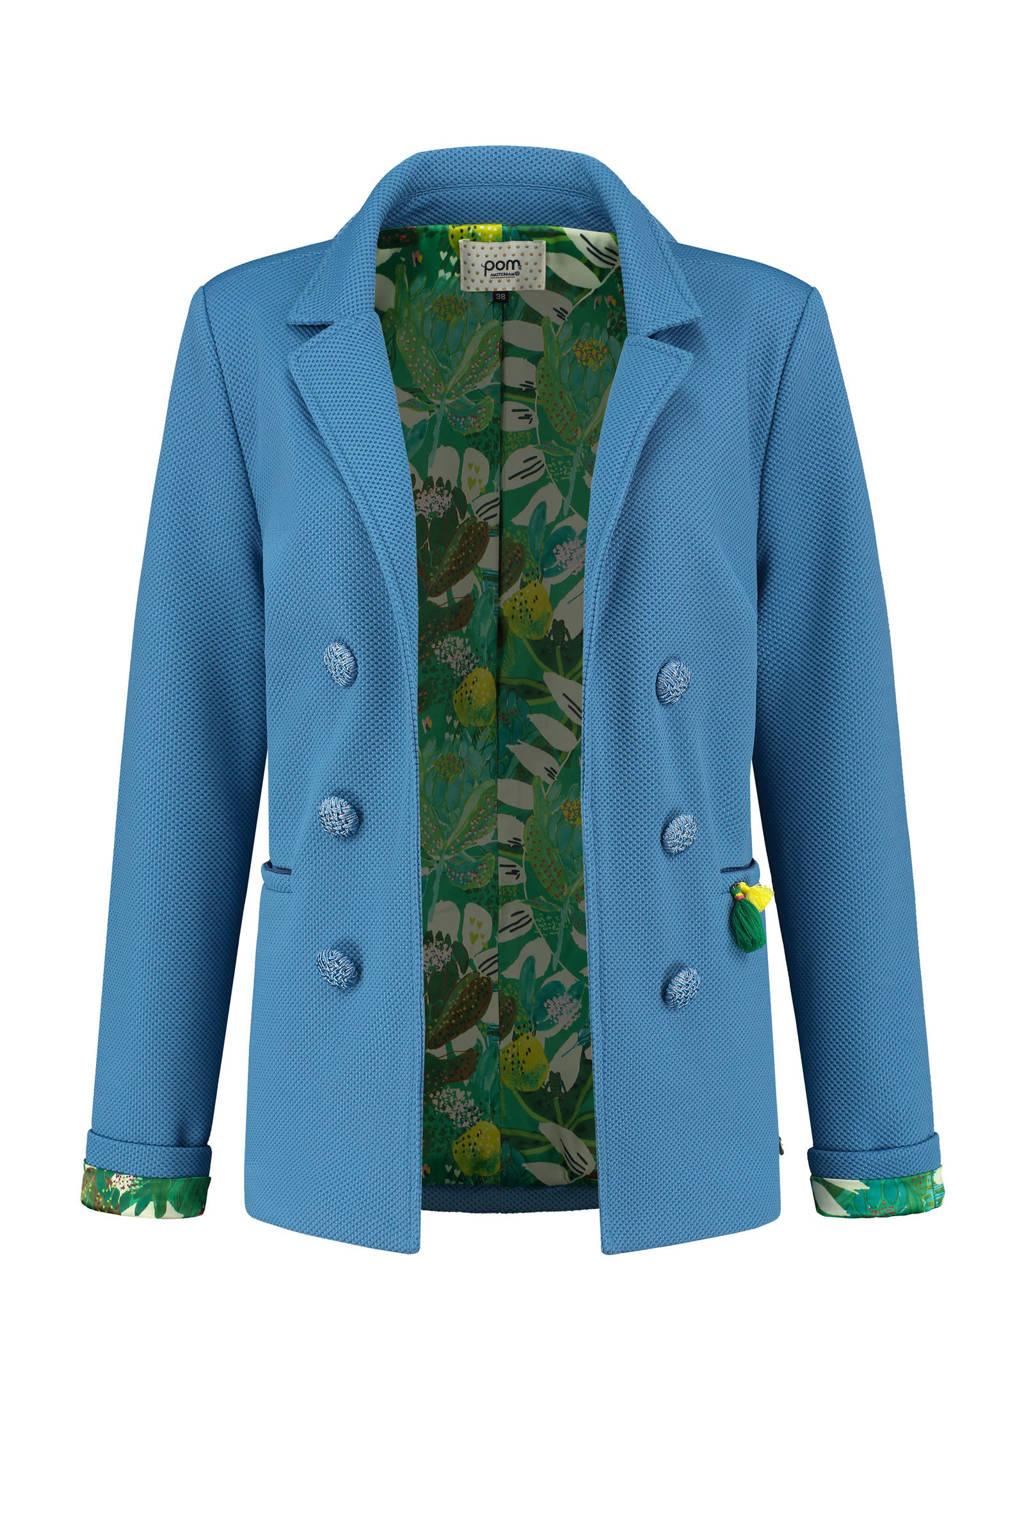 POM Amsterdam blazer BLAZER - Sky Blue Shimmer - 38 blue